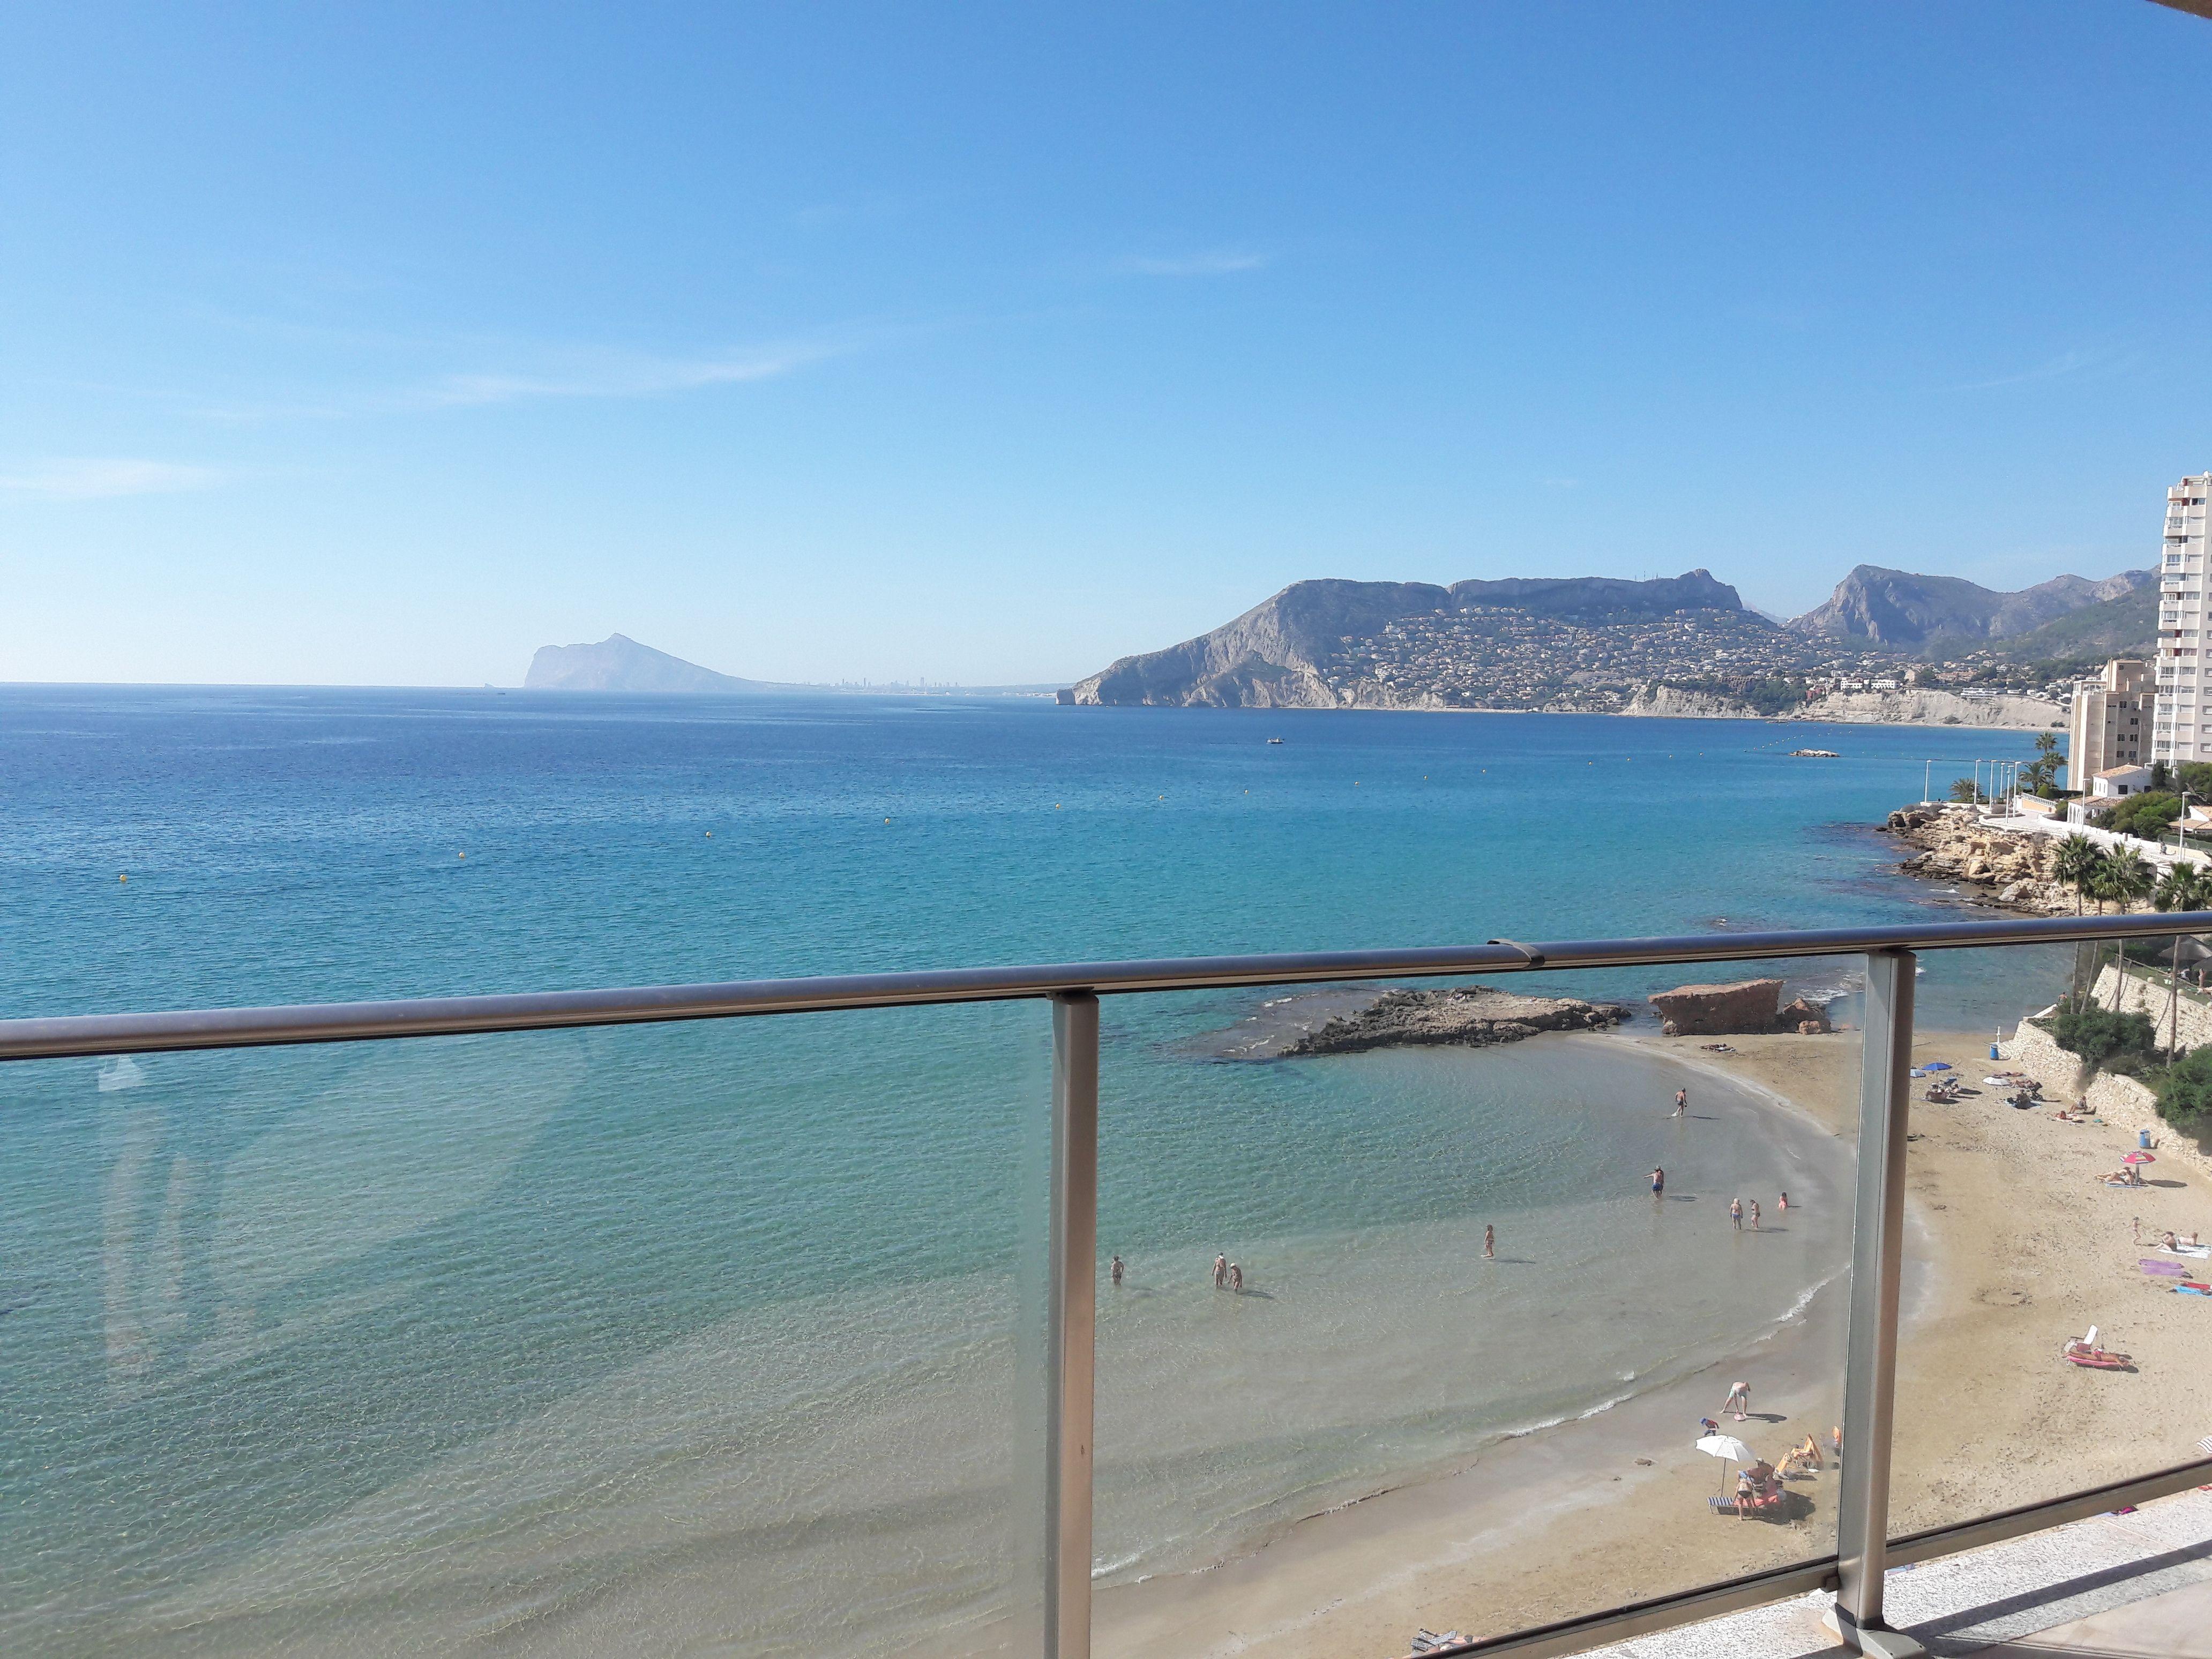 Te Gustaría Disfrutar De Estas Vistas Calpe Es El Lugar Perfecto Vienes Te Ofrecemos Apartamentos En Primera Líne Inmobiliaria Locales Comerciales Playa